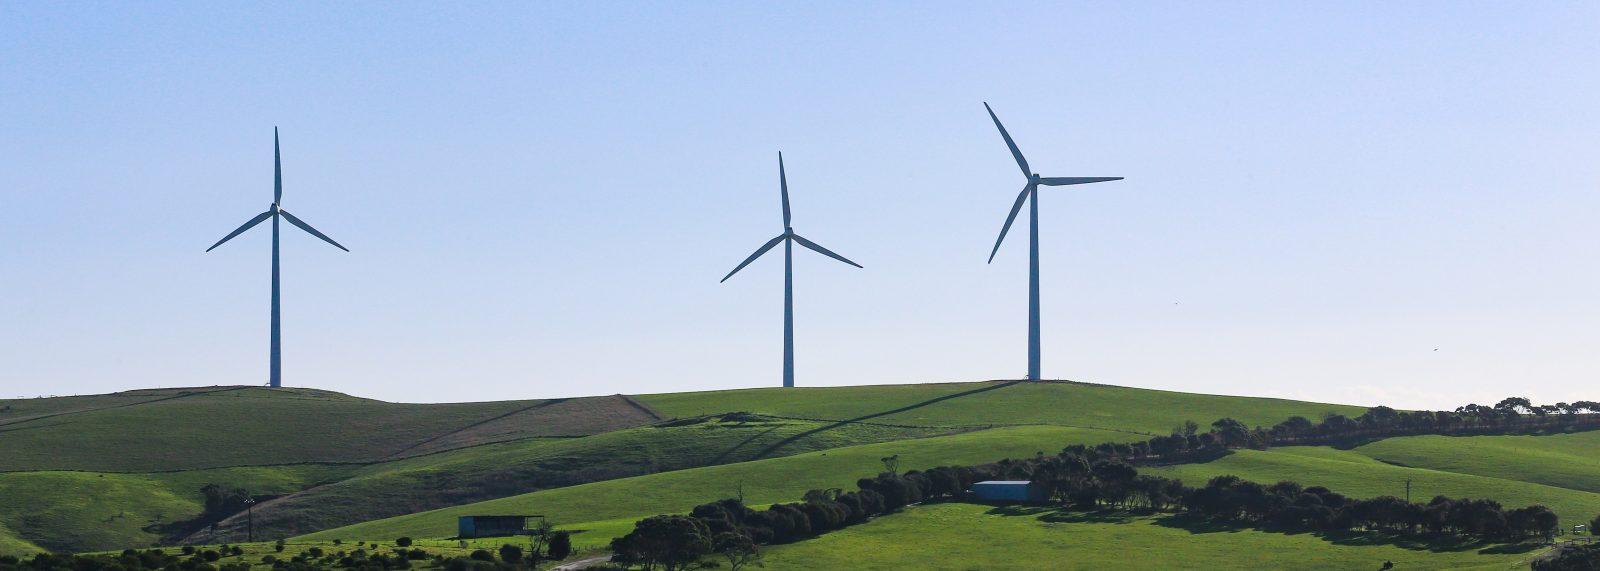 les critères pertinents d'un label d'électricité verte